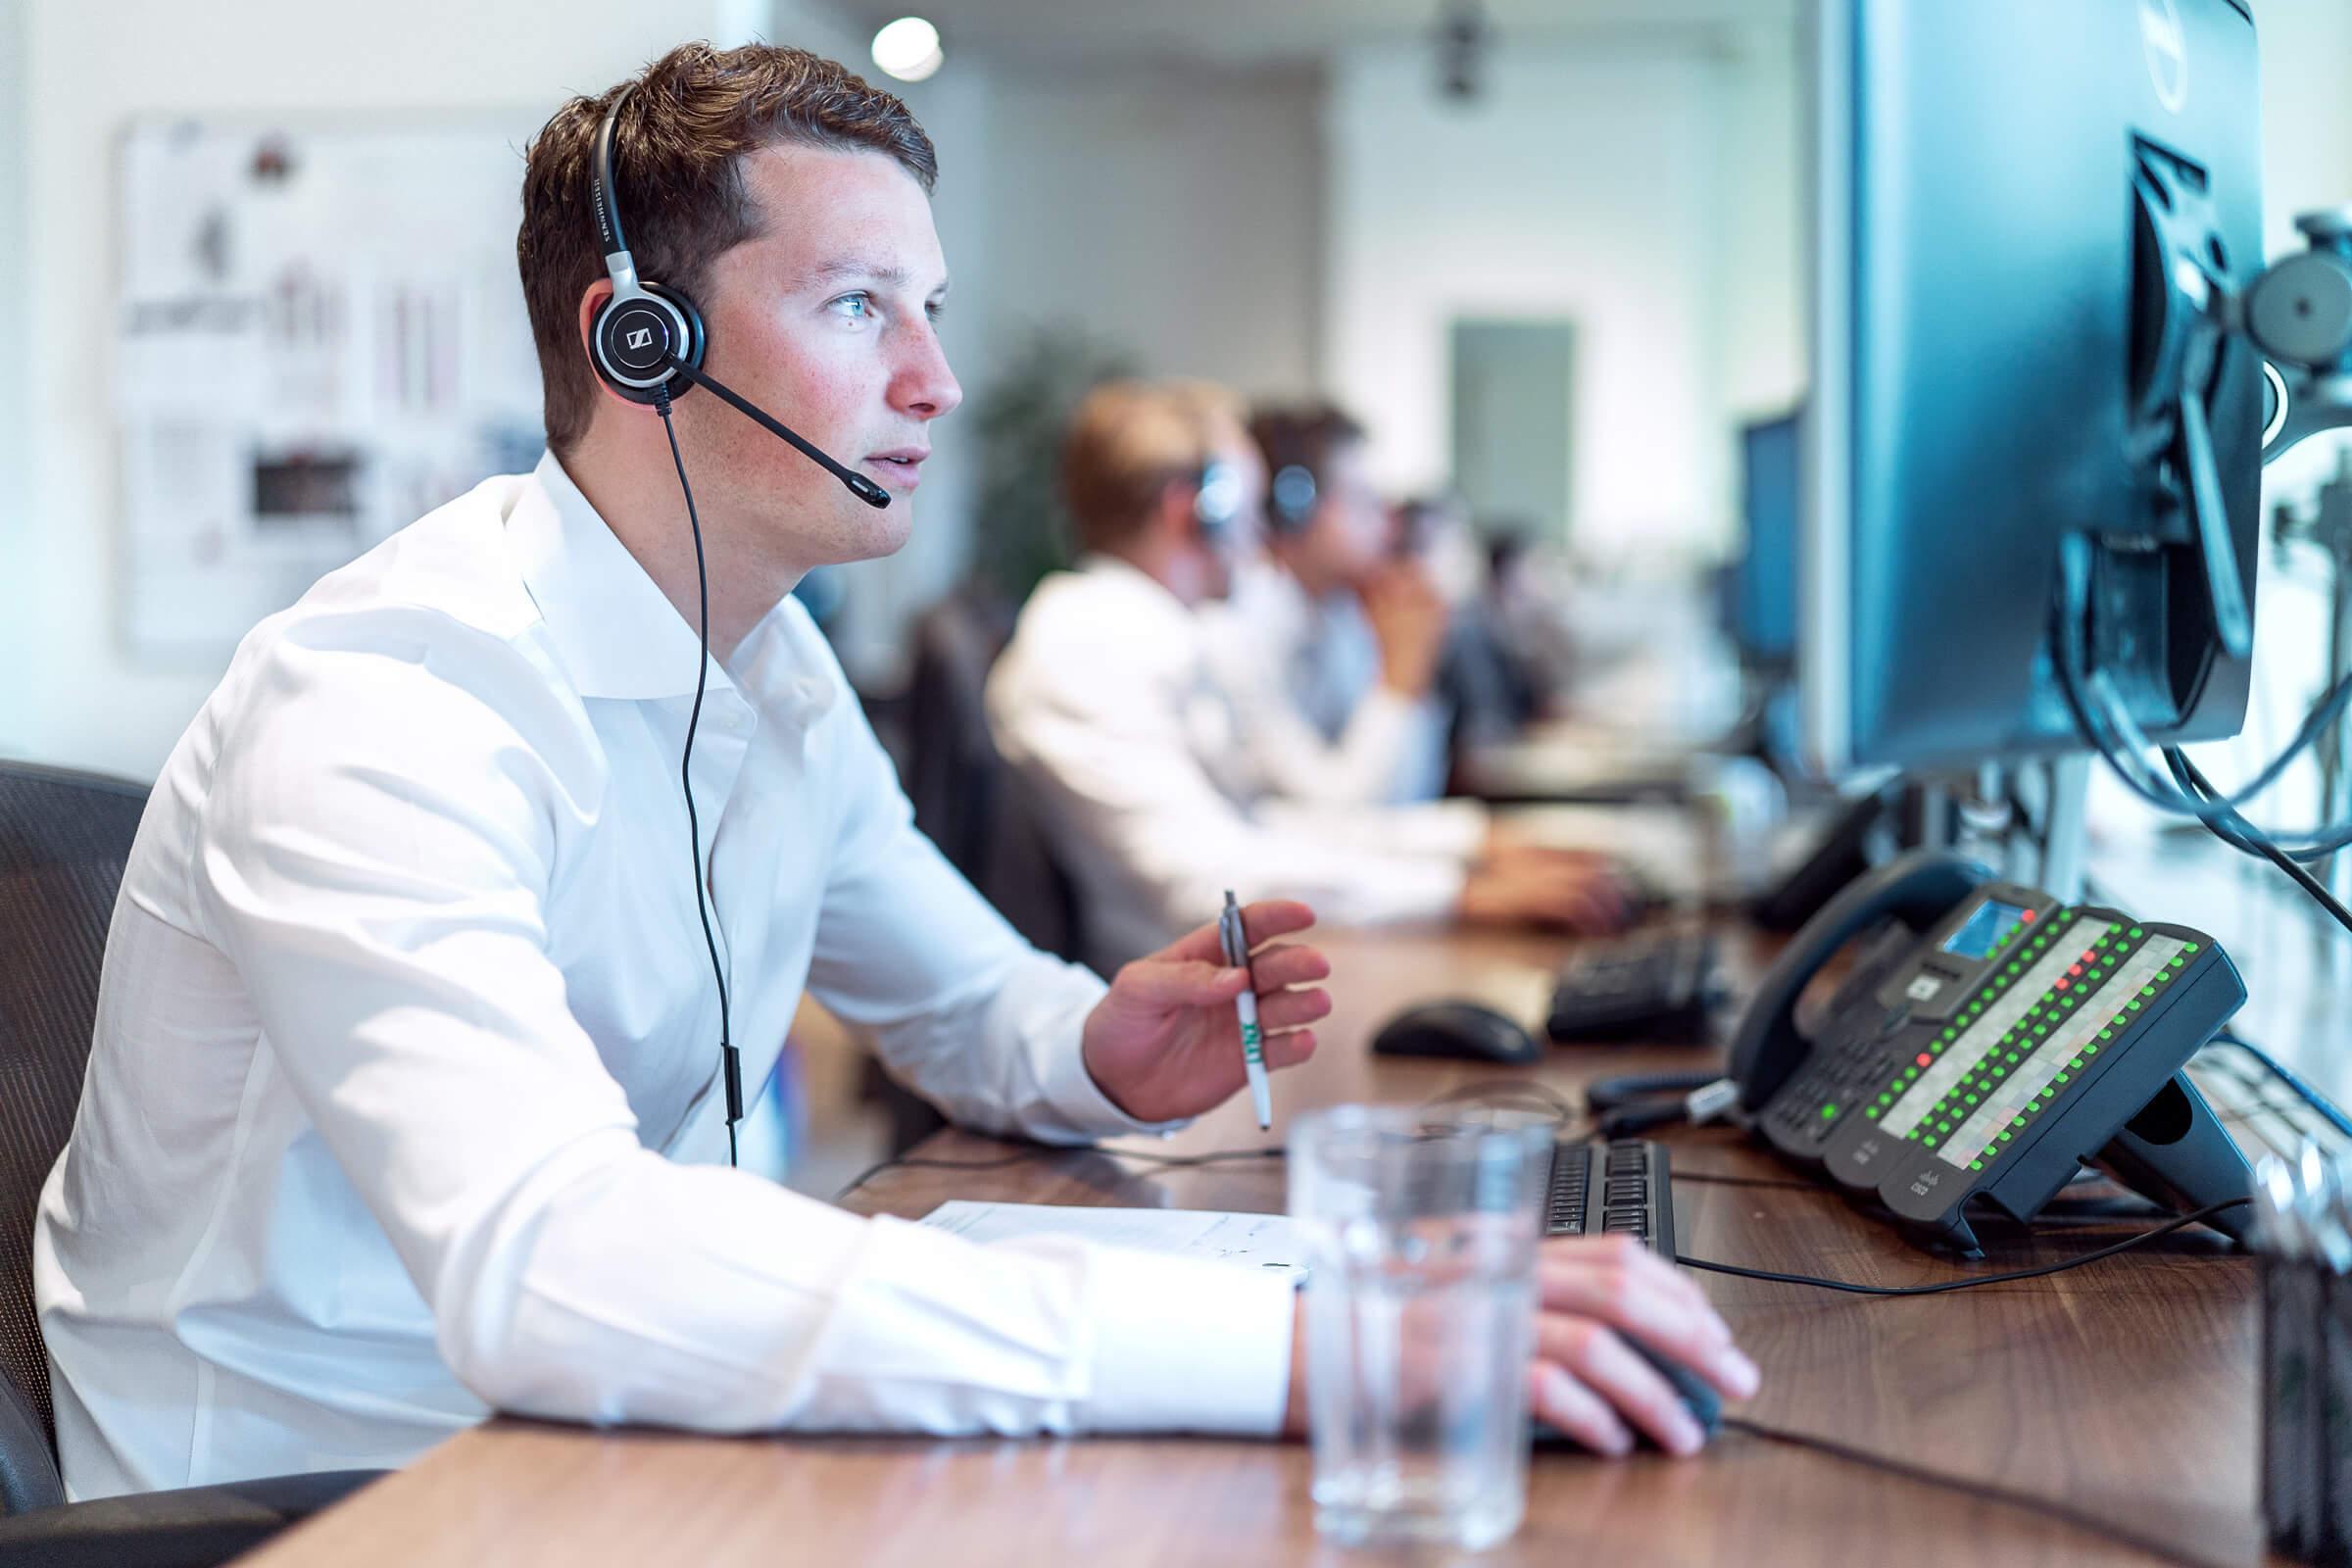 Wyszkolony specjalista ds obsługi klienta LYNX doradzający klientom na firmowym rachunku inwestycyjnym